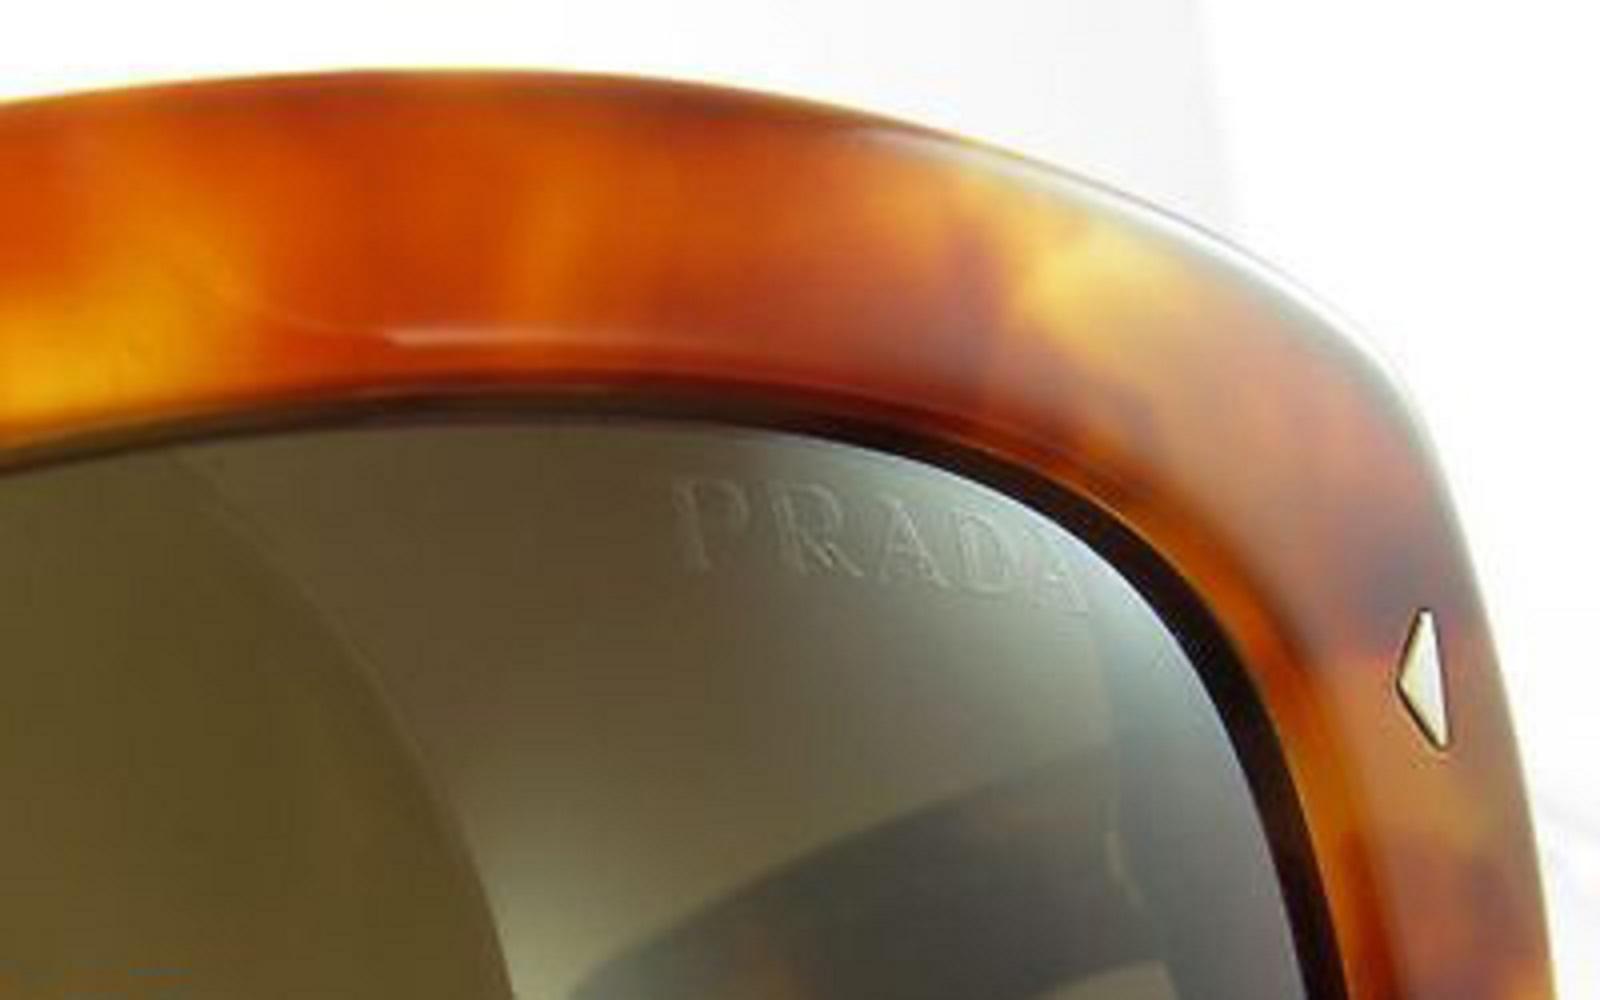 Erkennen Sie gefälschte Prada-Sonnenbrillen - überprüfen Sie die Gläser.